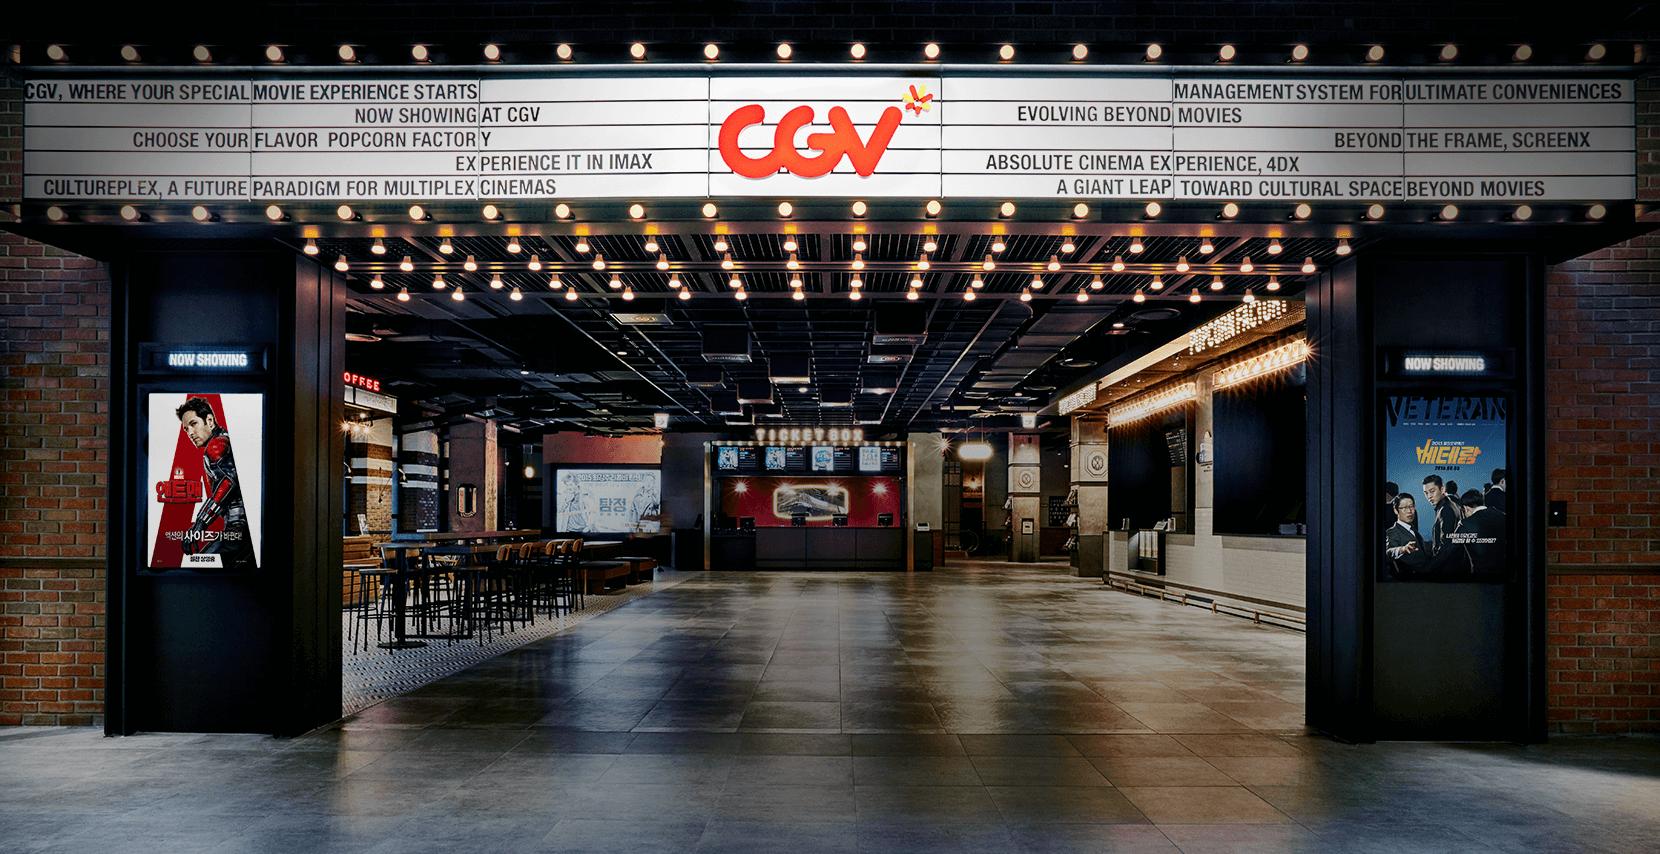 [HCM] CGV Cinemas Tuyển Nhân Viên Thu Ngân Bán Thời Gian 2017